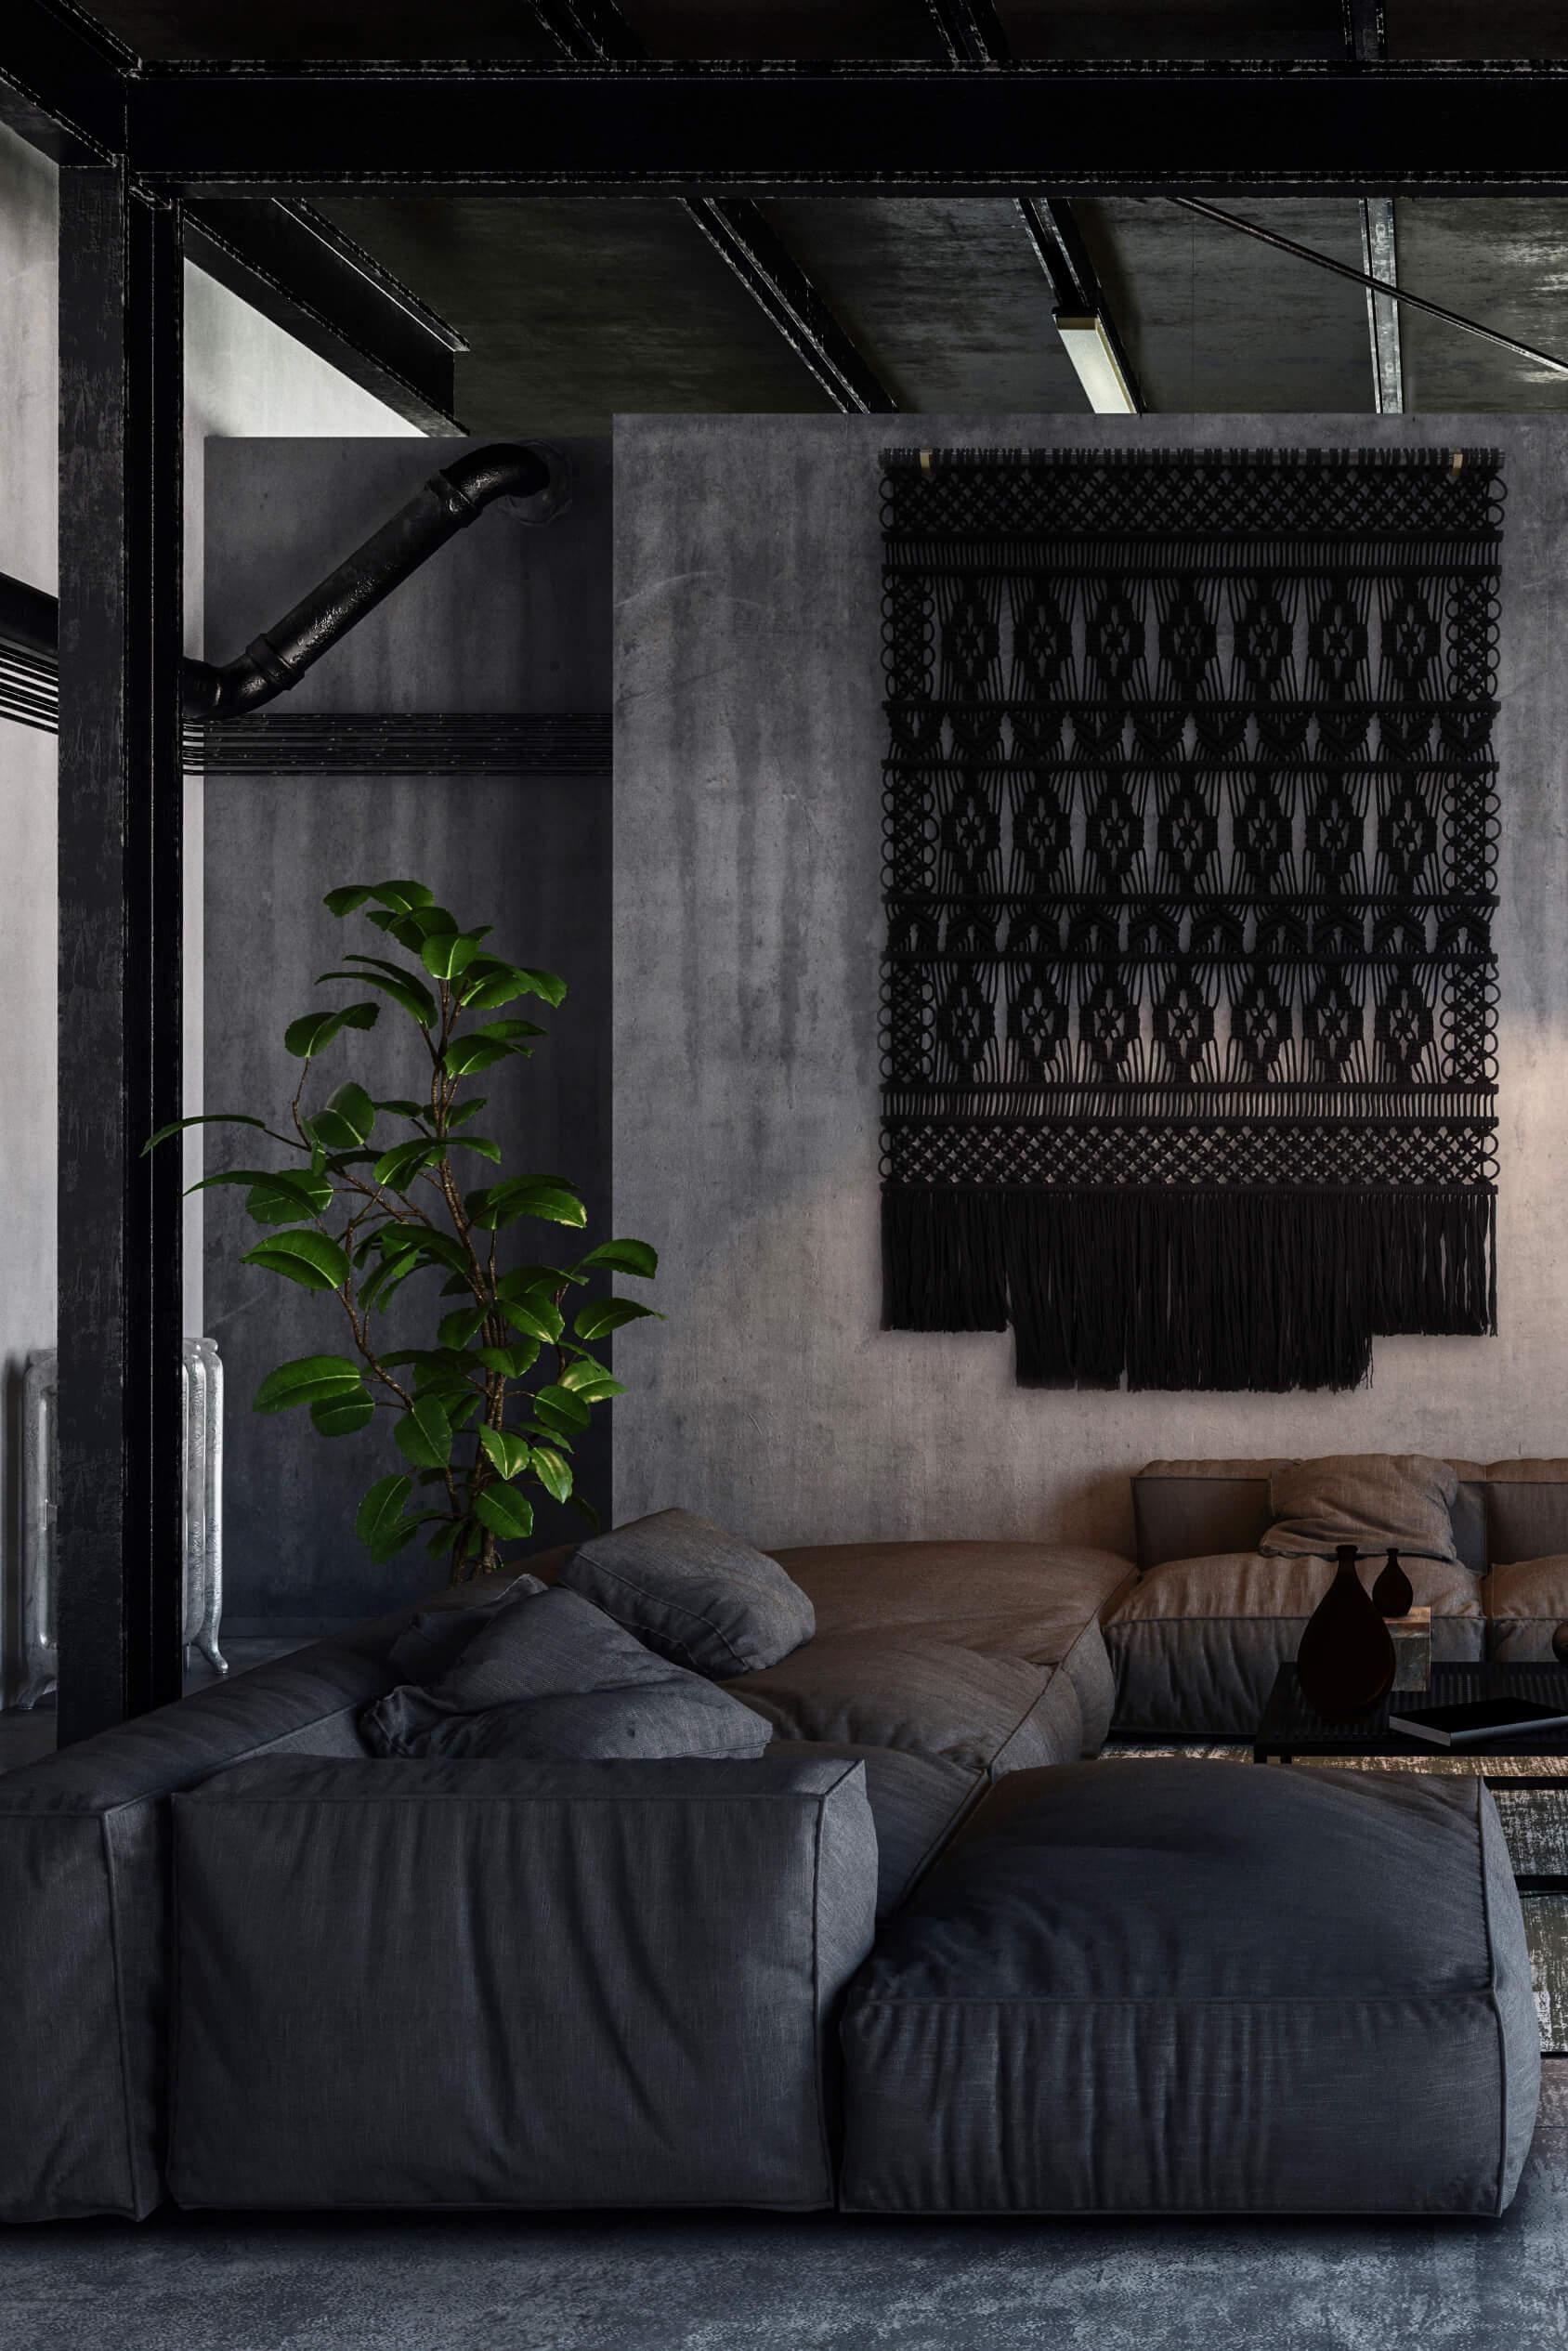 Black in exclusive interior Milla Novo Macrame Wallhanging